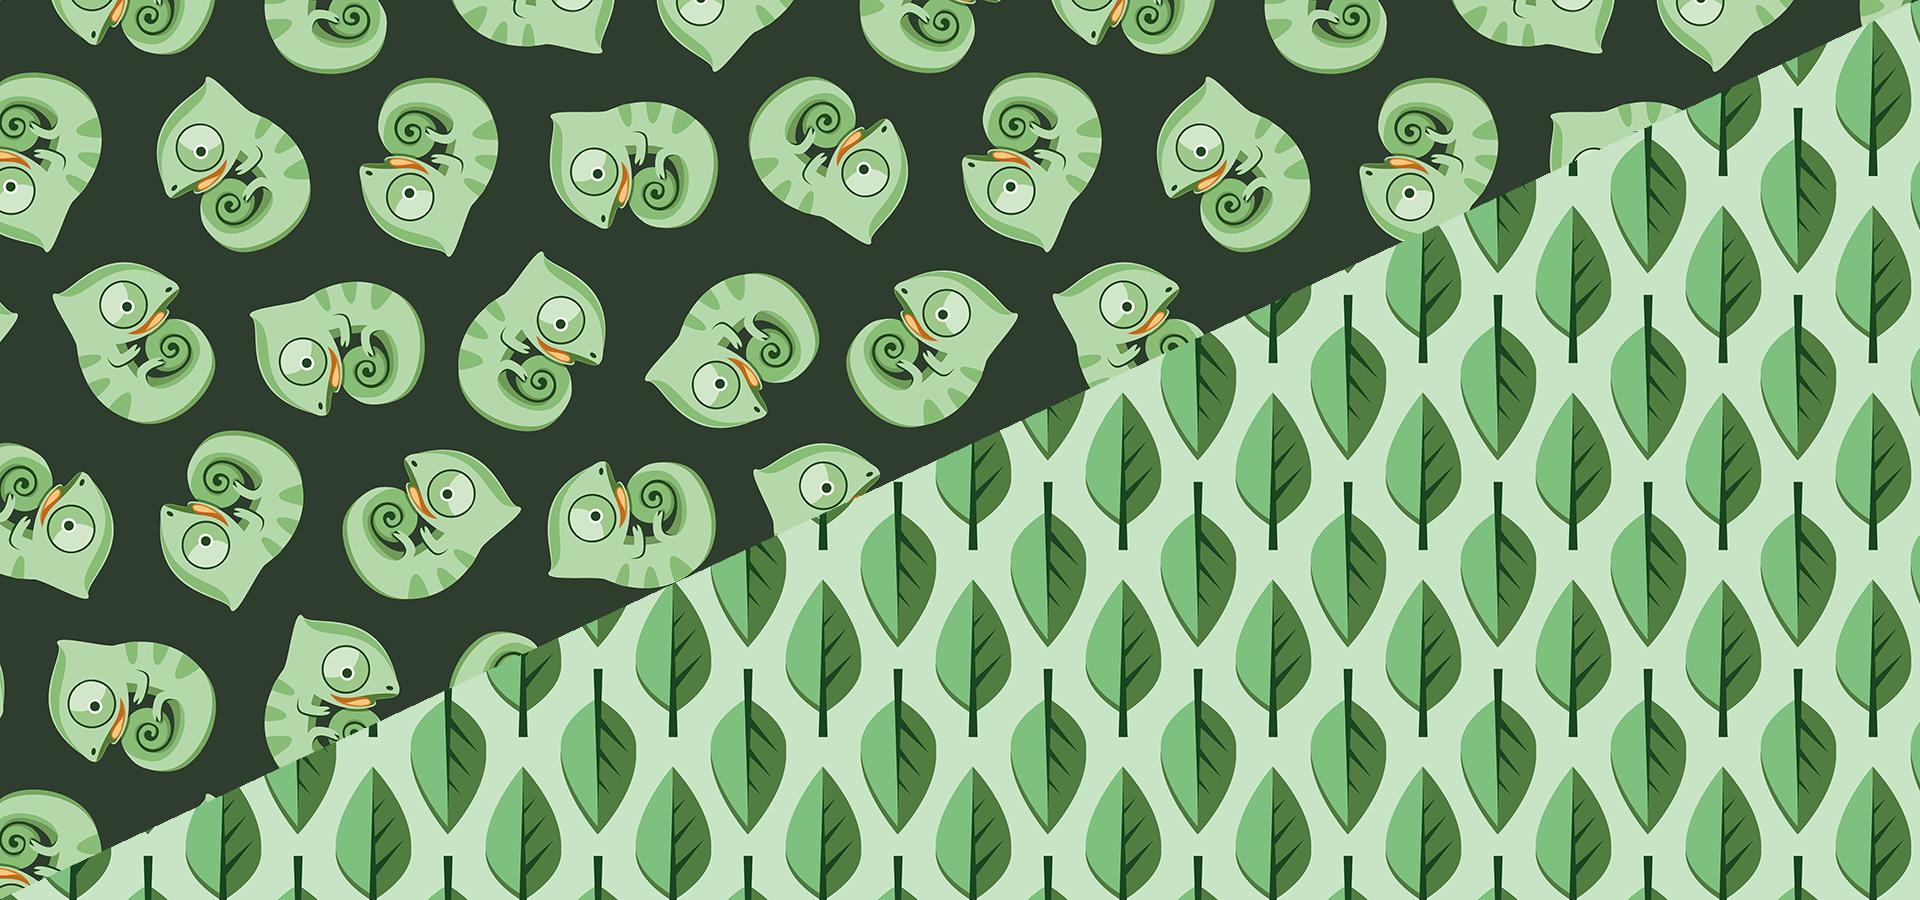 Collection motifs bébés caméléons